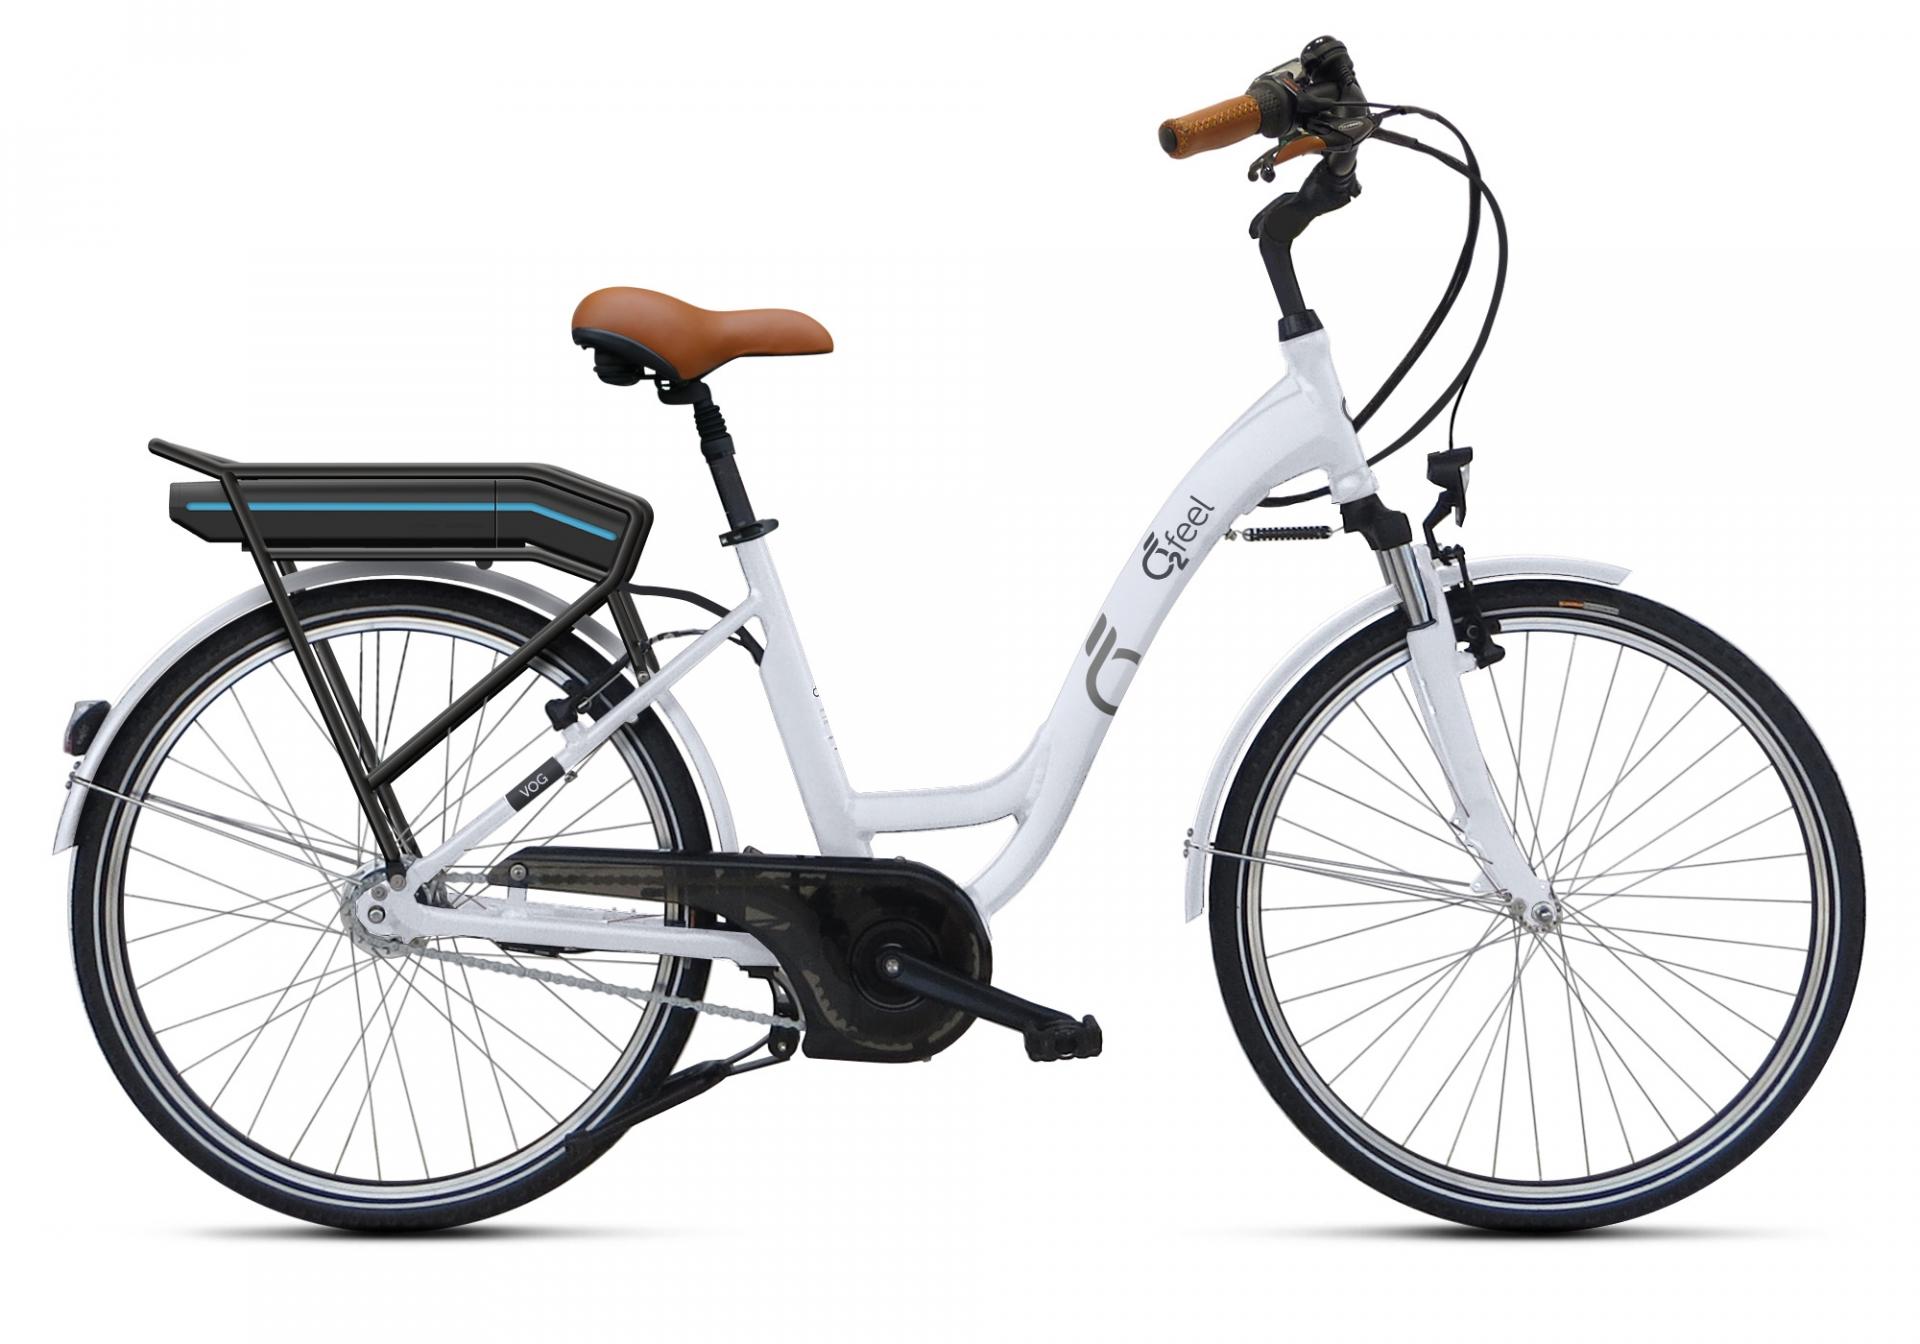 Vélo électrique O2Feel Vog N7C OES 26 374 Wh Blanc